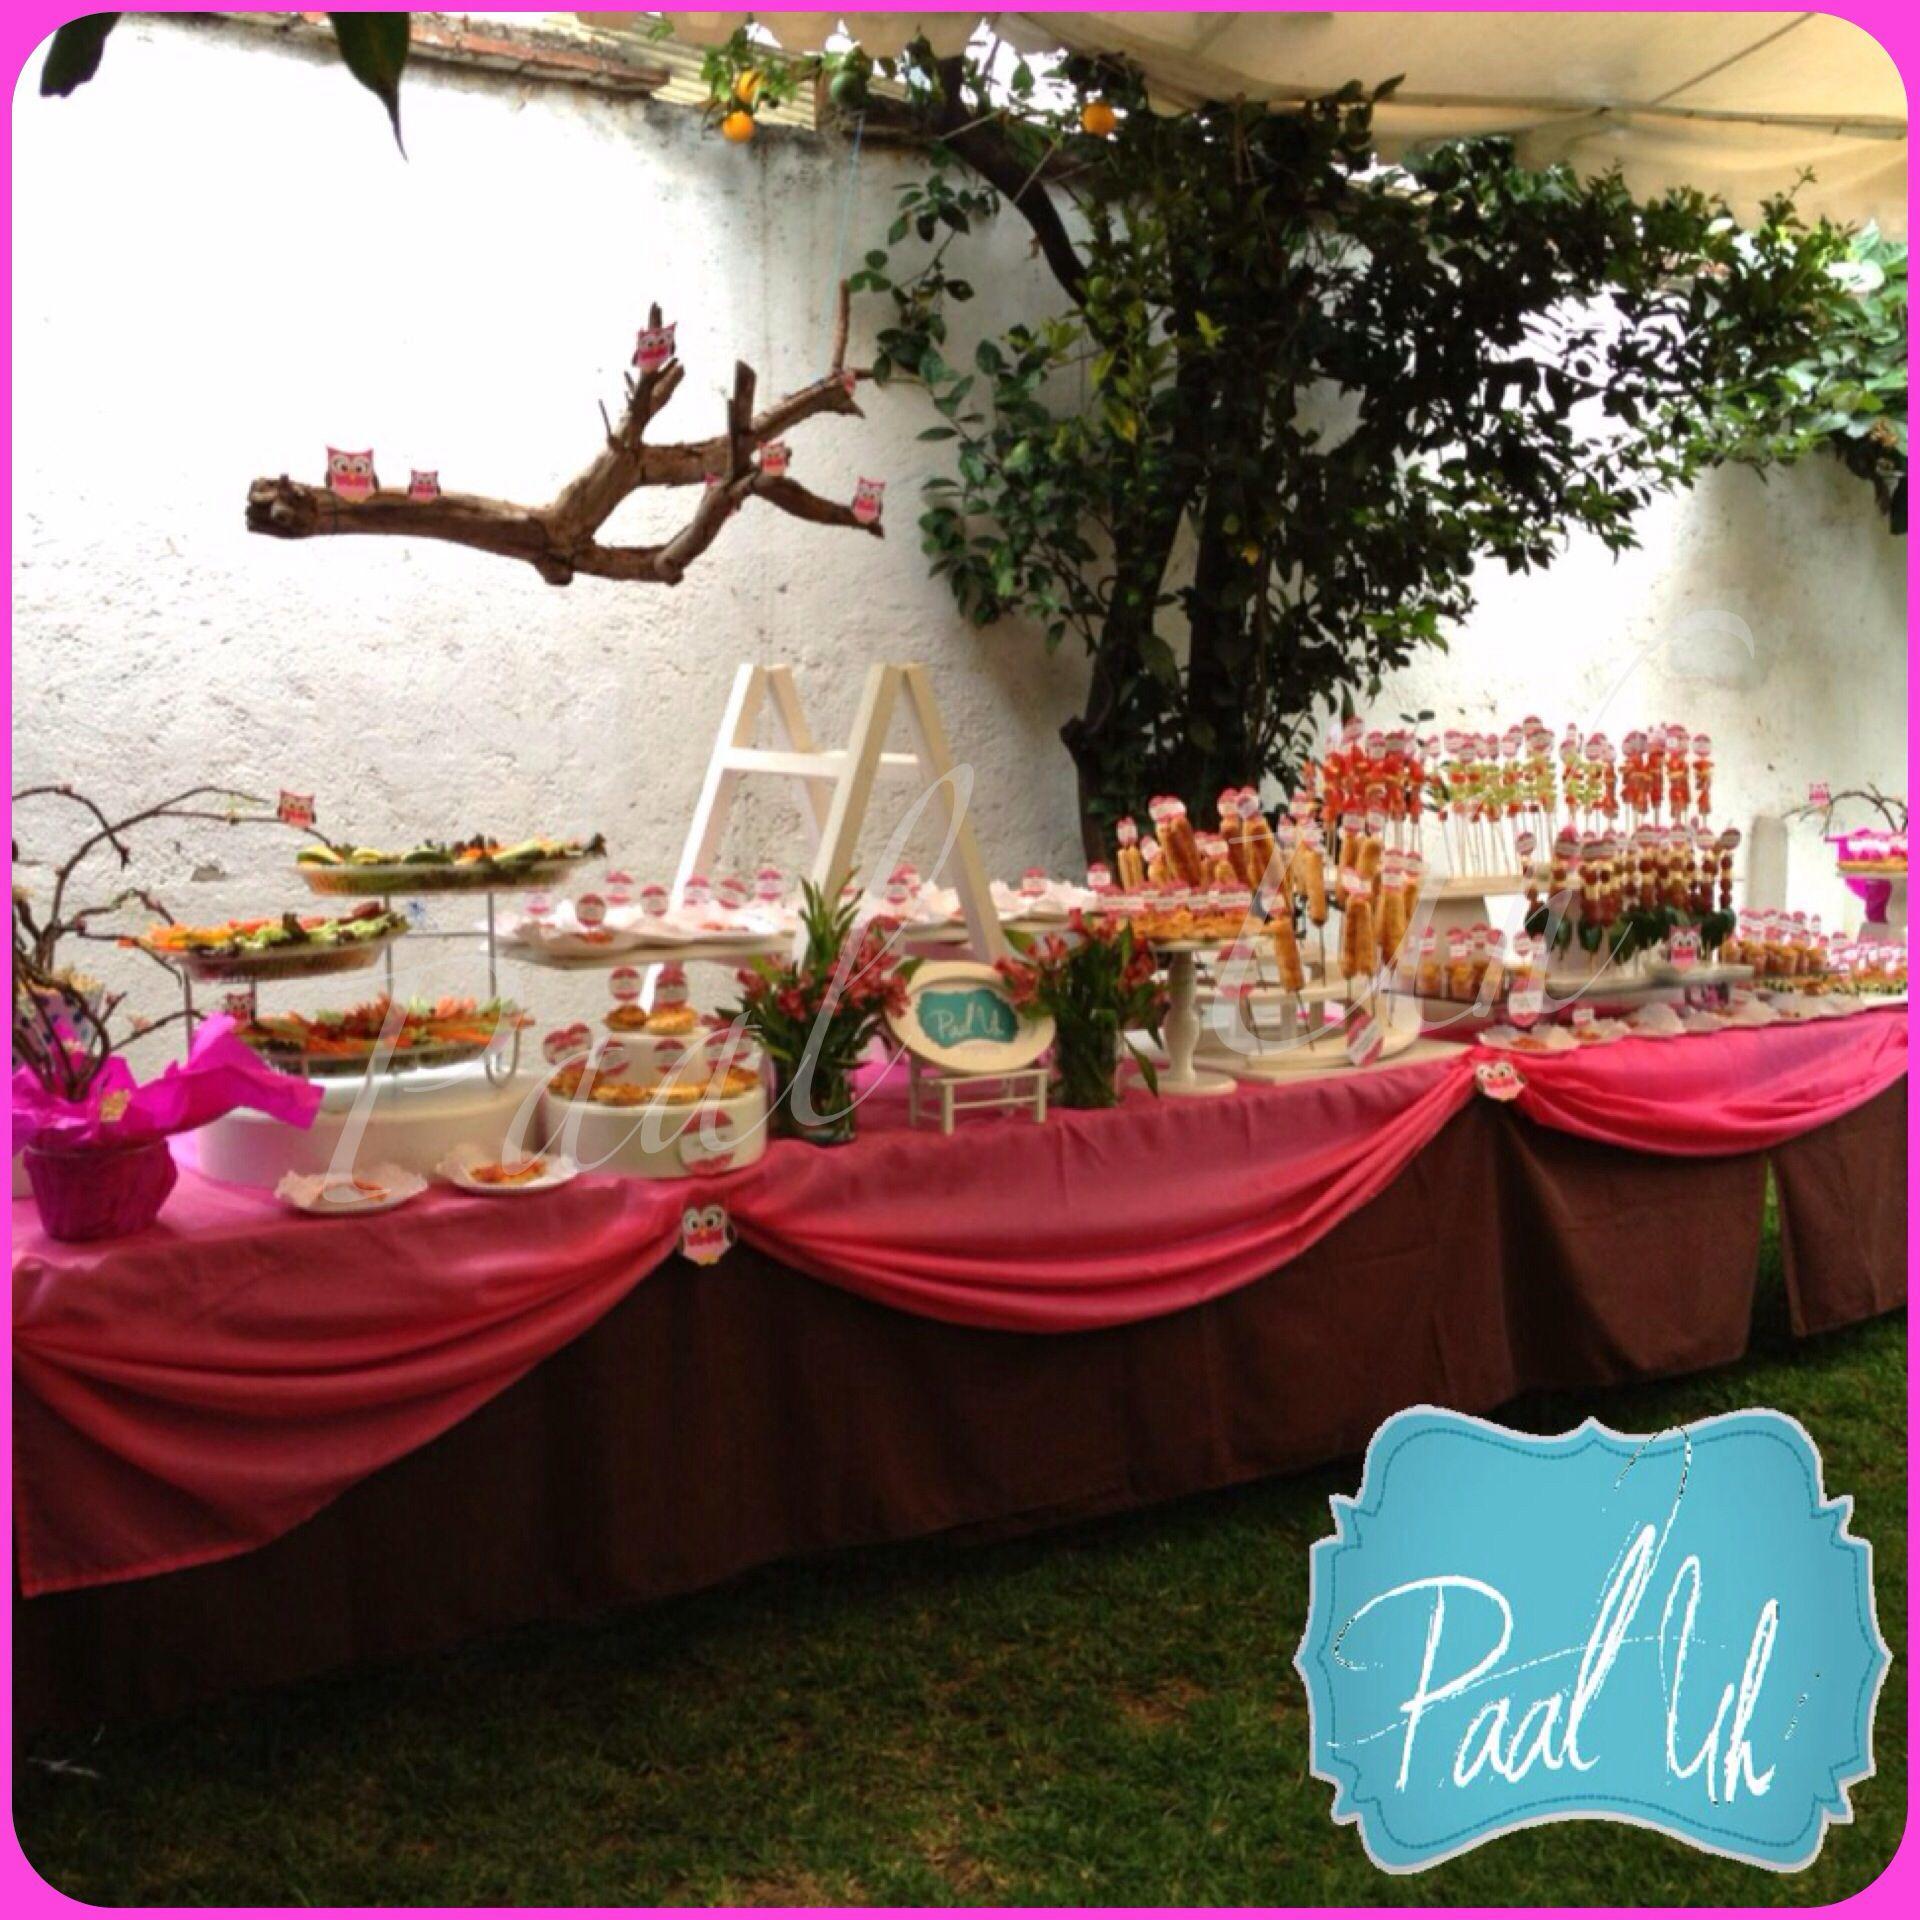 Paal uh mesas de postres snack 39 s bocadillos baby for Casa jardin buffet